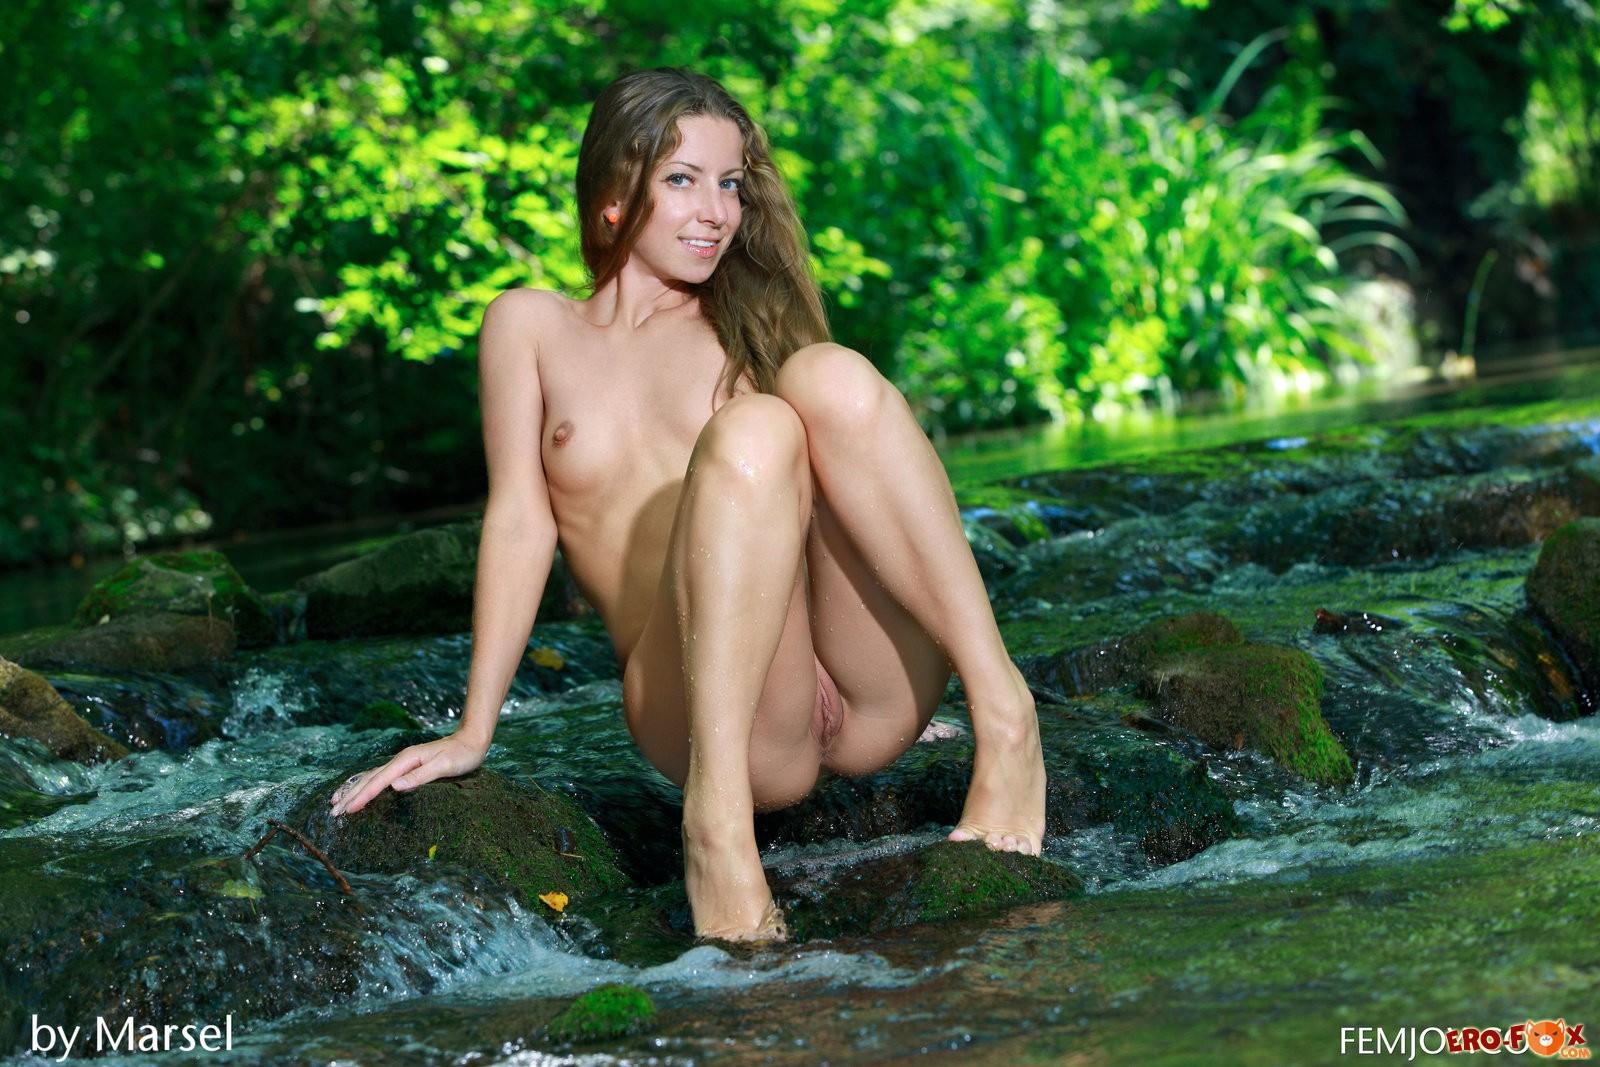 Голая девушка на речке в лесу